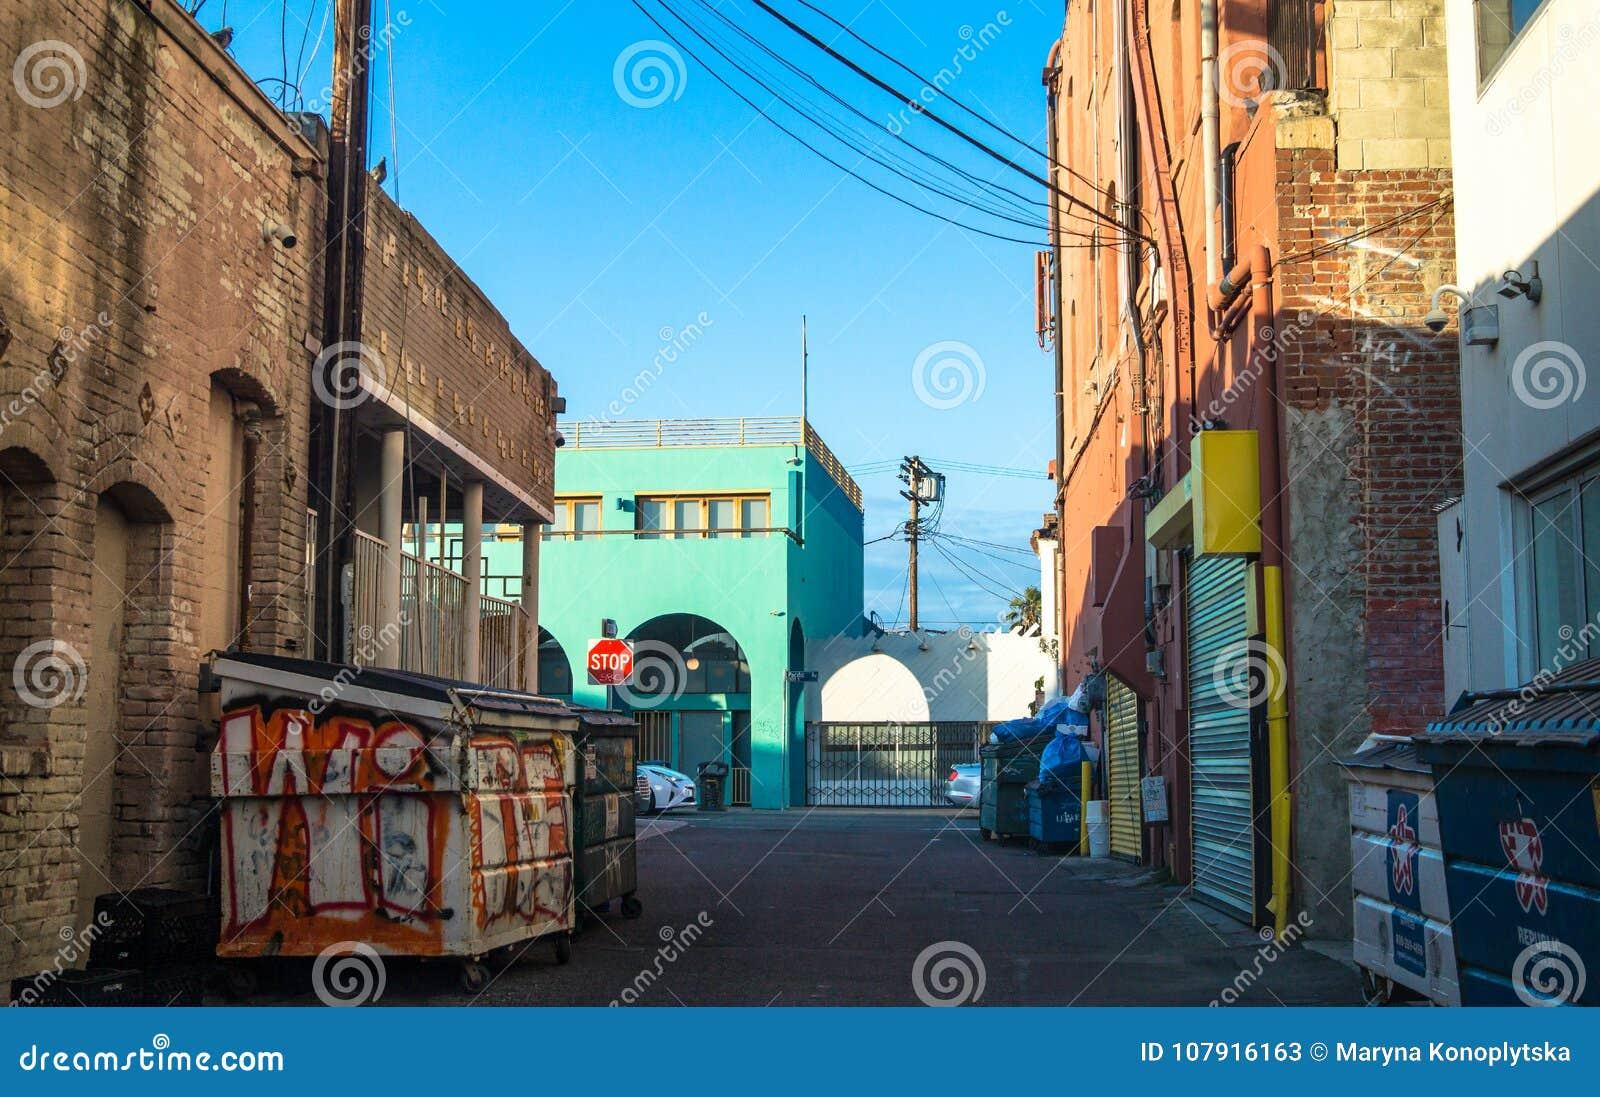 美丽如画的房子的后院威尼斯海滩的 狭窄的街道和街道画在房子